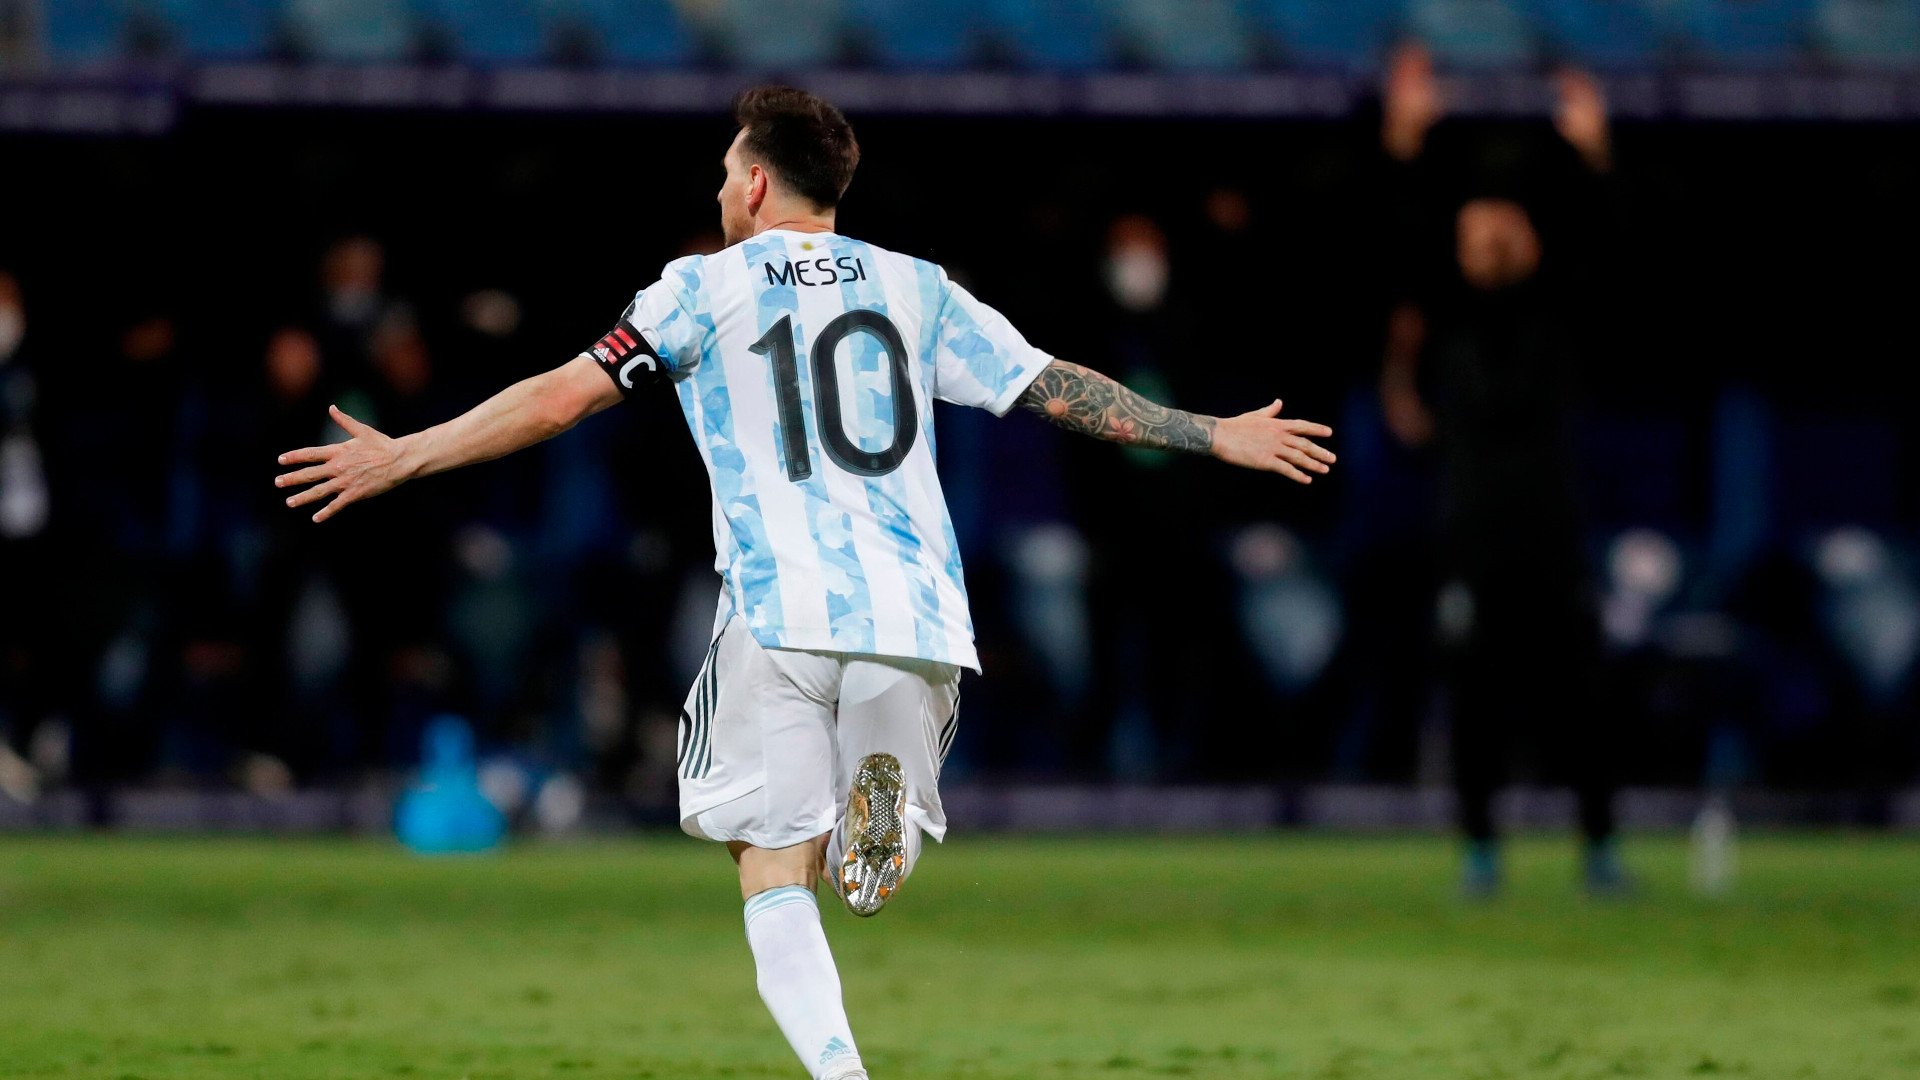 Messi segue liderando a Argentina, que venceu o Equador com certo suor e  avançou às semifinais